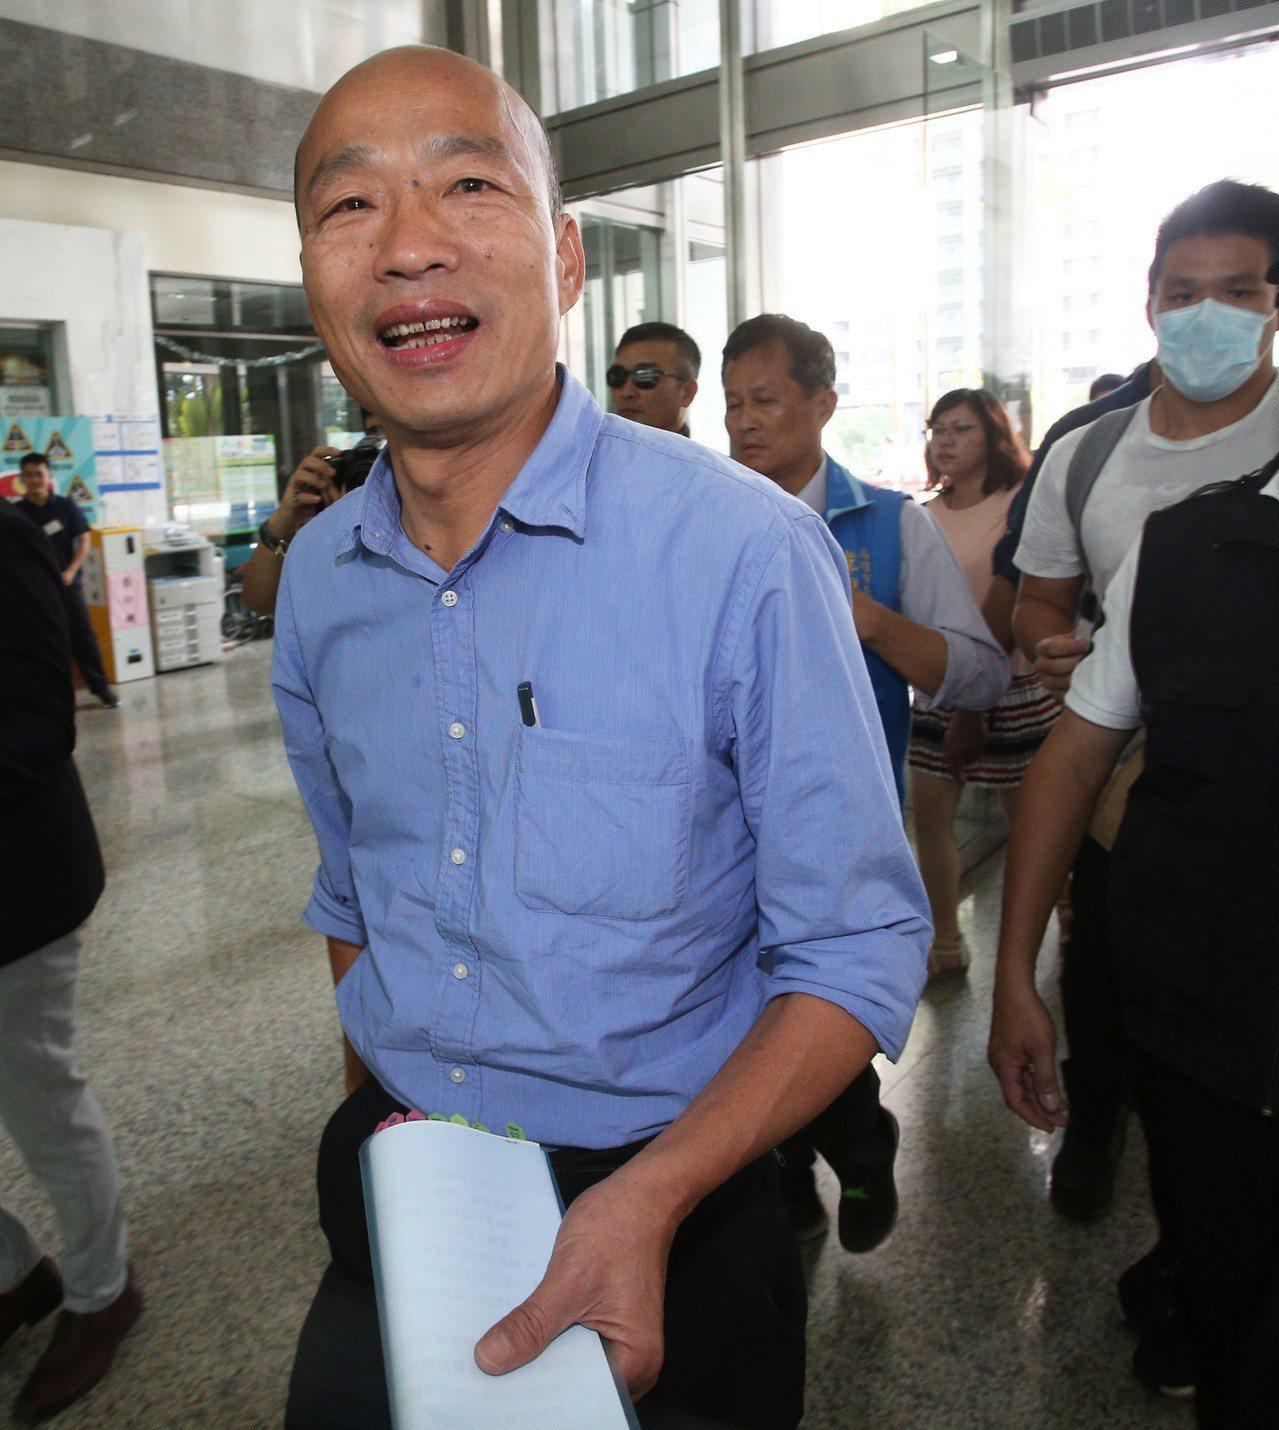 國民黨高雄市長候選人韓國瑜被另三位候選人攻擊,結論時採感性回應。記者劉學聖/攝影